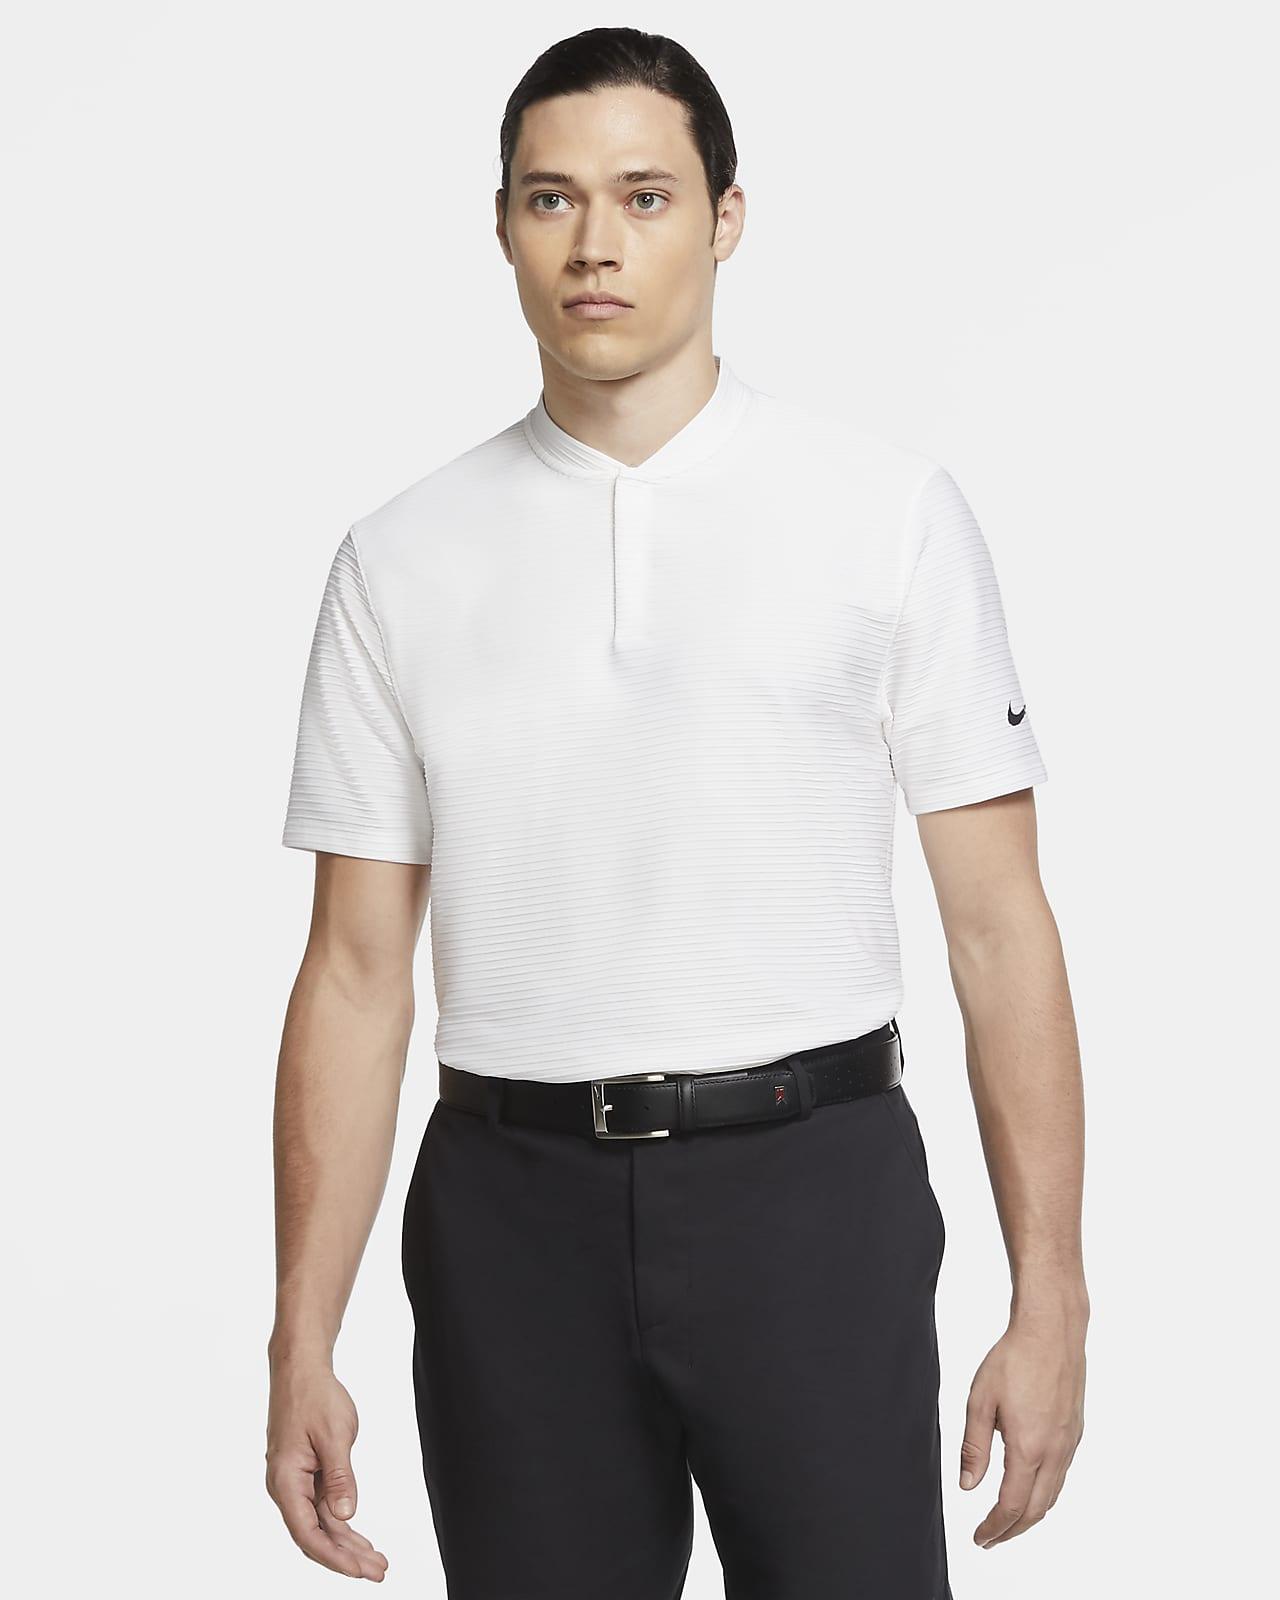 ポロシャツ ナイキ ゴルフ